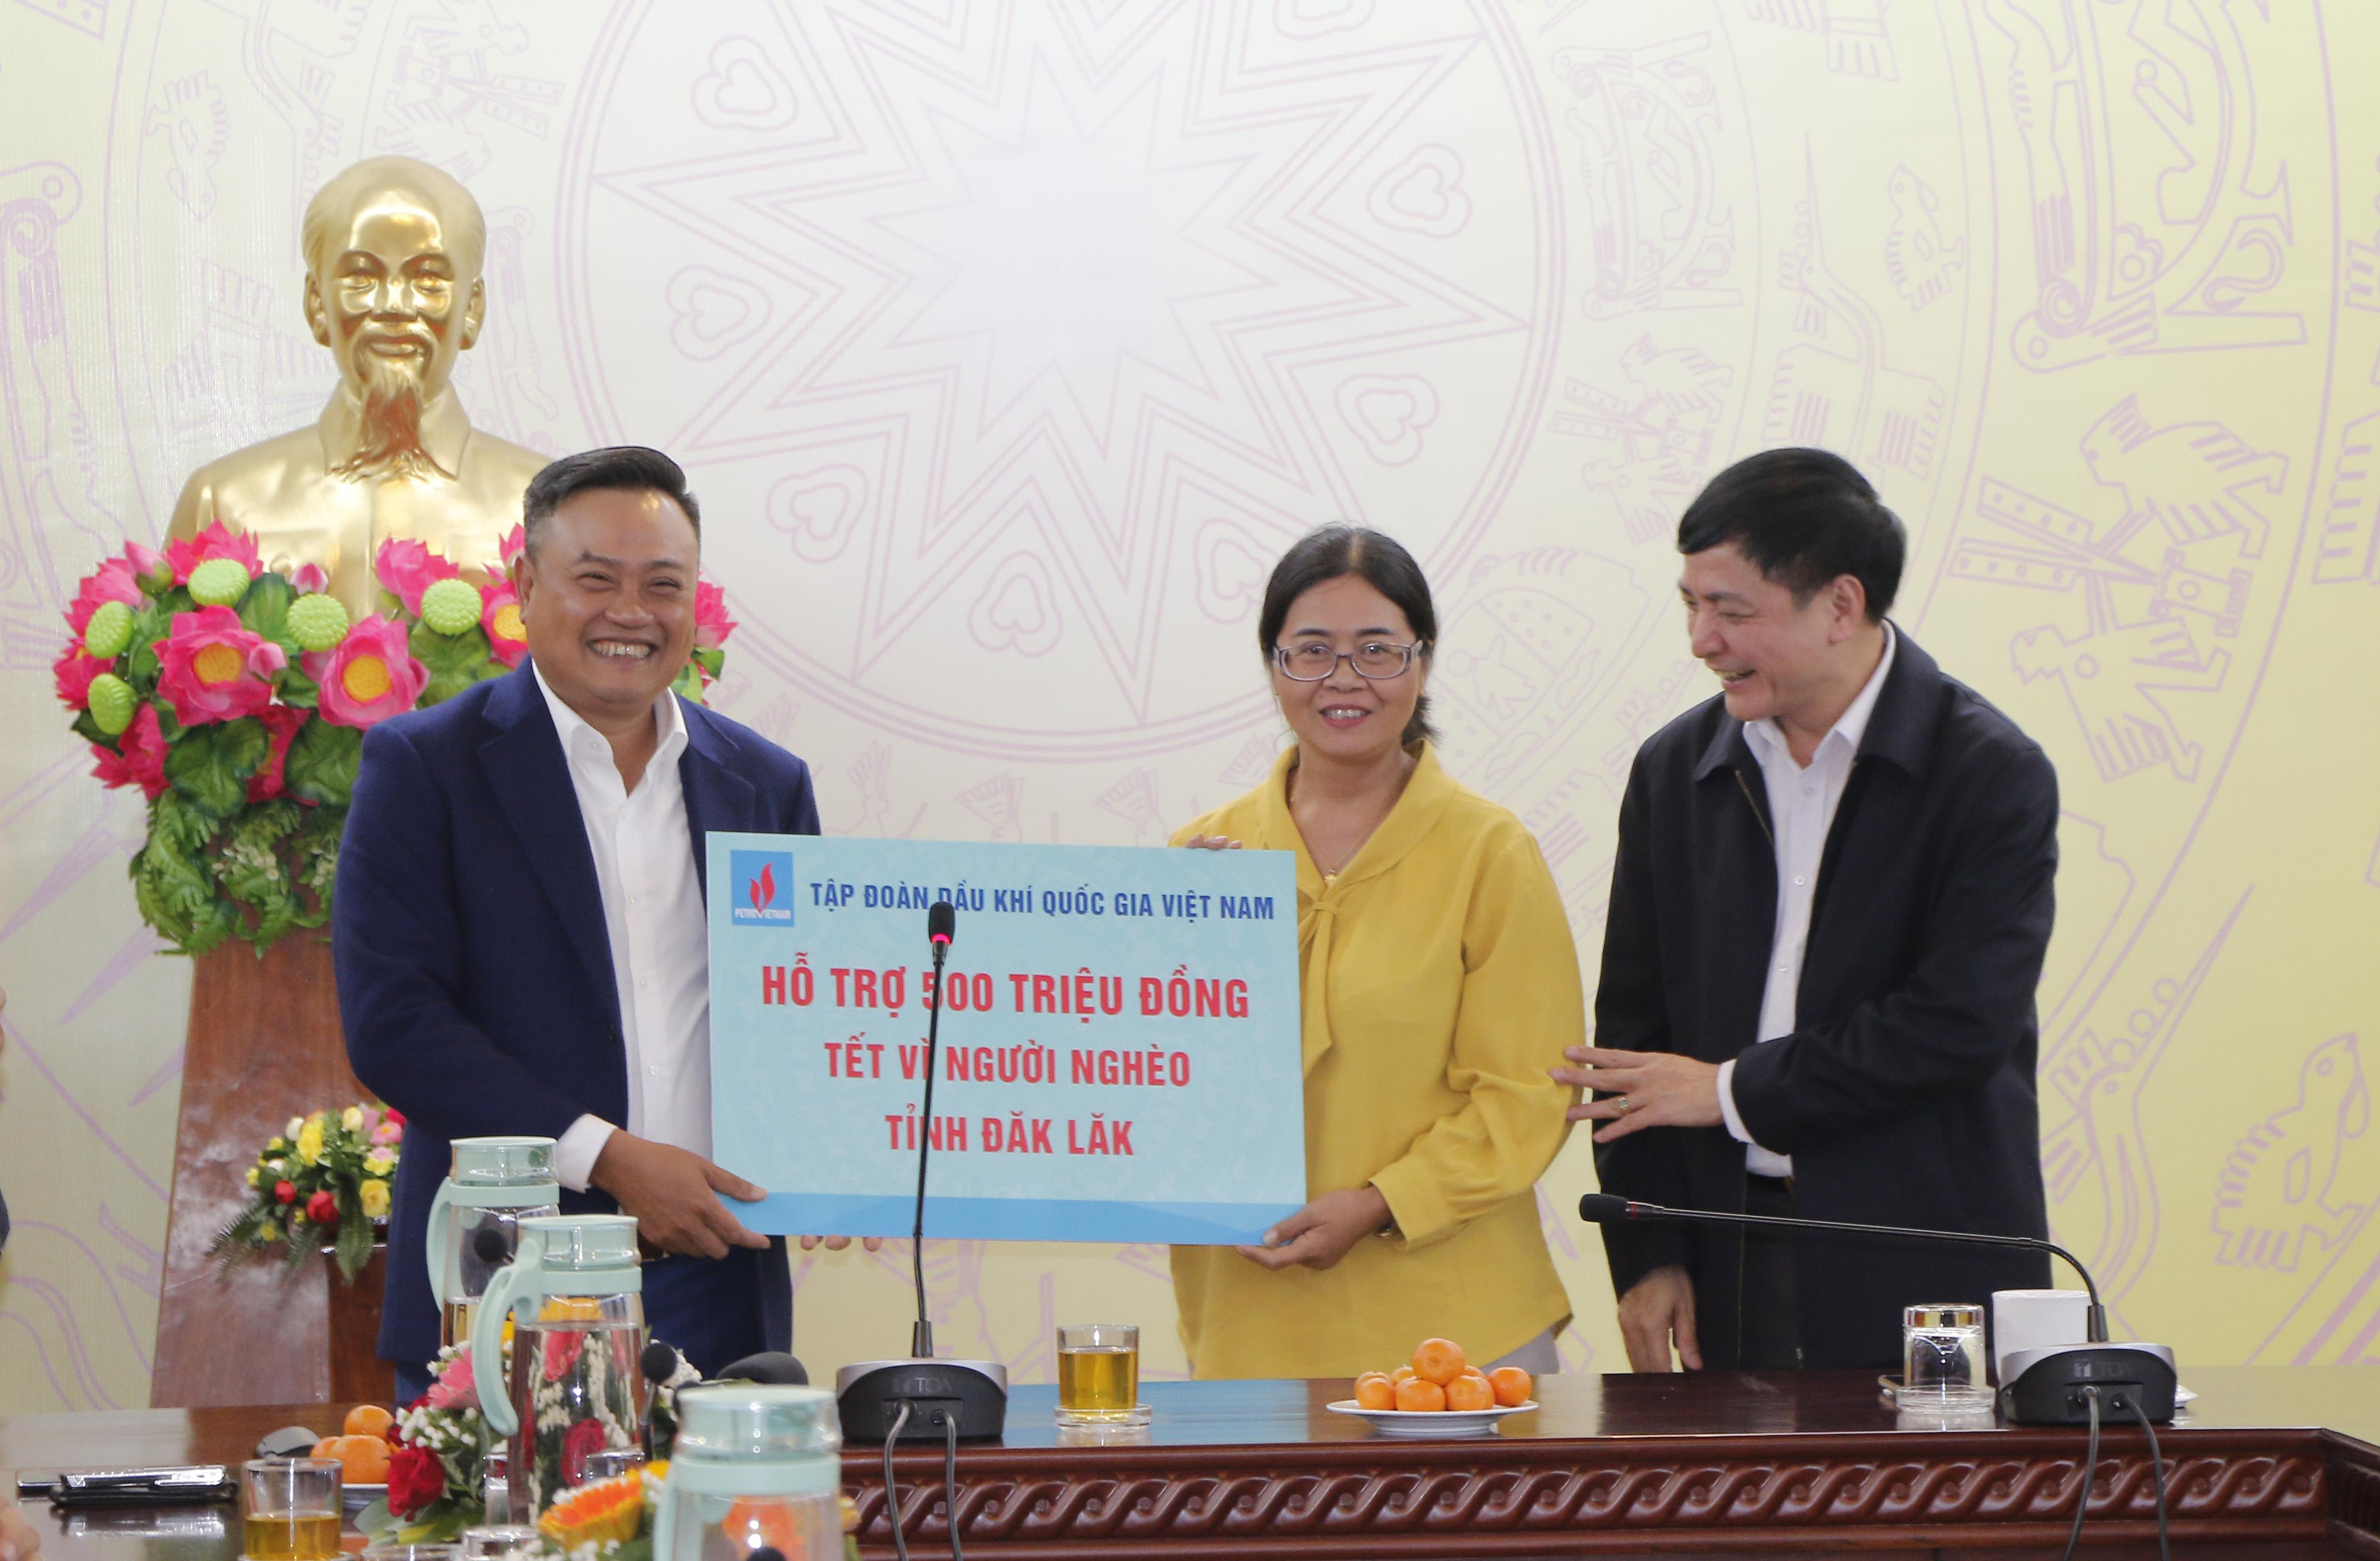 Tập đoàn Dầu khí Việt Nam hỗ trợ 500 triệu đồng cho người nghèo tỉnh Đắk Lắk đón Tết